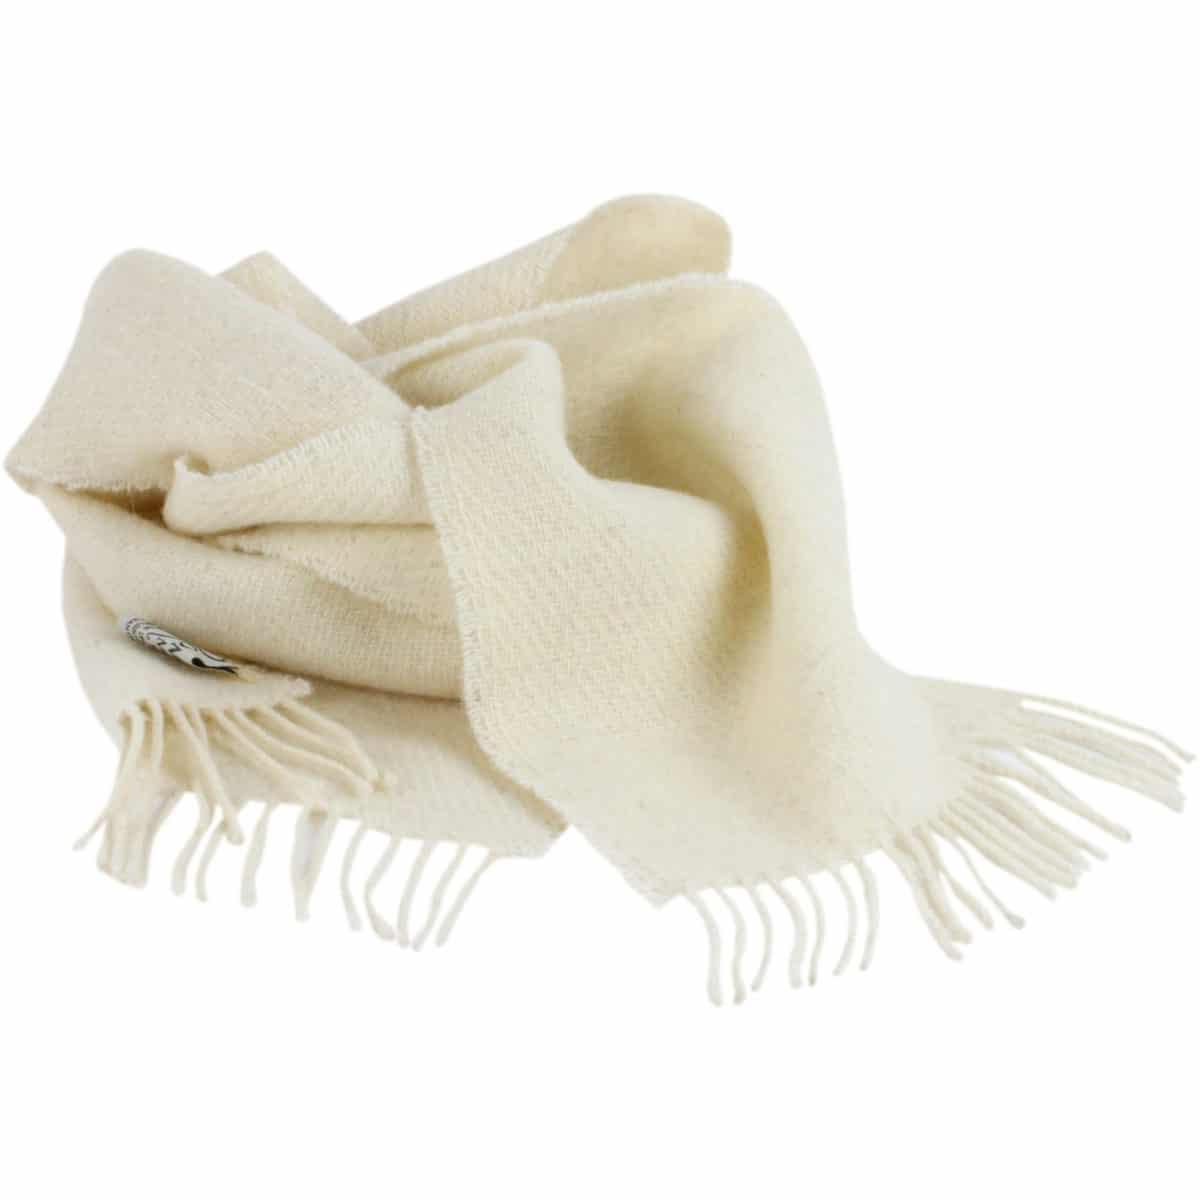 Romney Marsh Sheep Scarf - White Clover